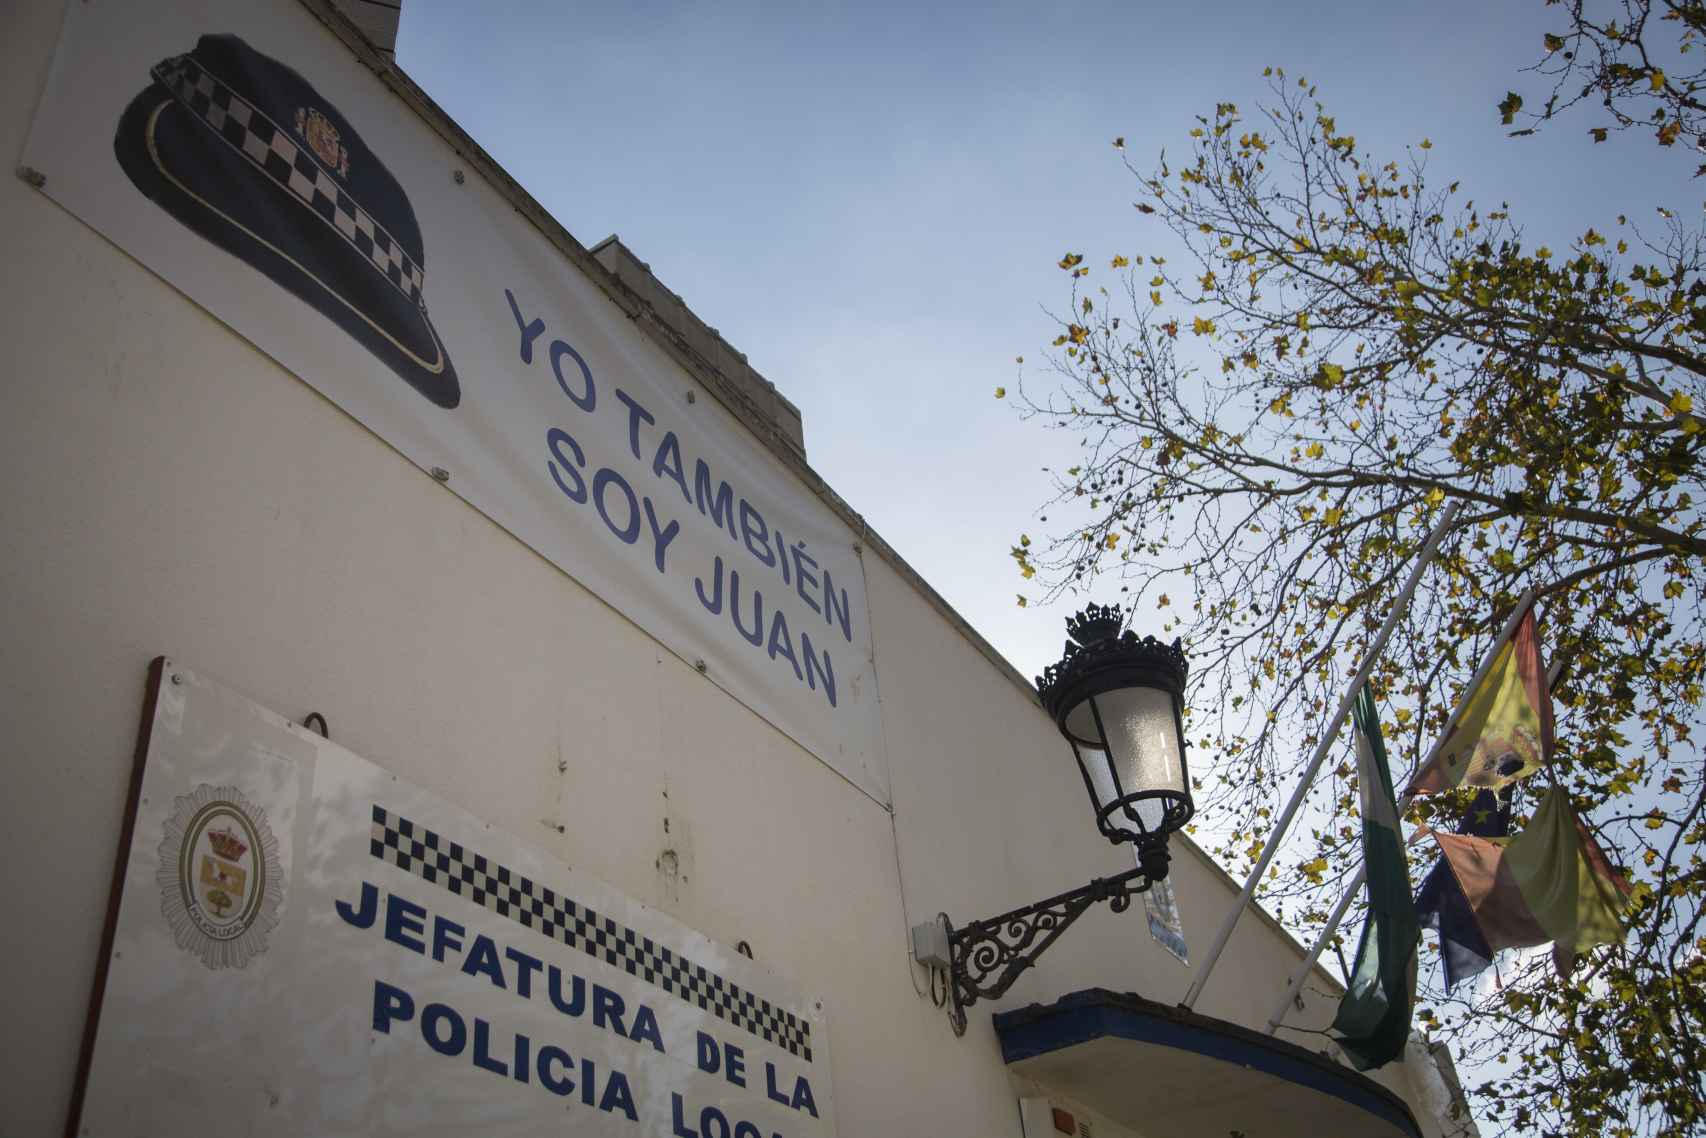 Yo también soy Juan, se puede leer en la fachada de la jefatura de Puerto Serrano.